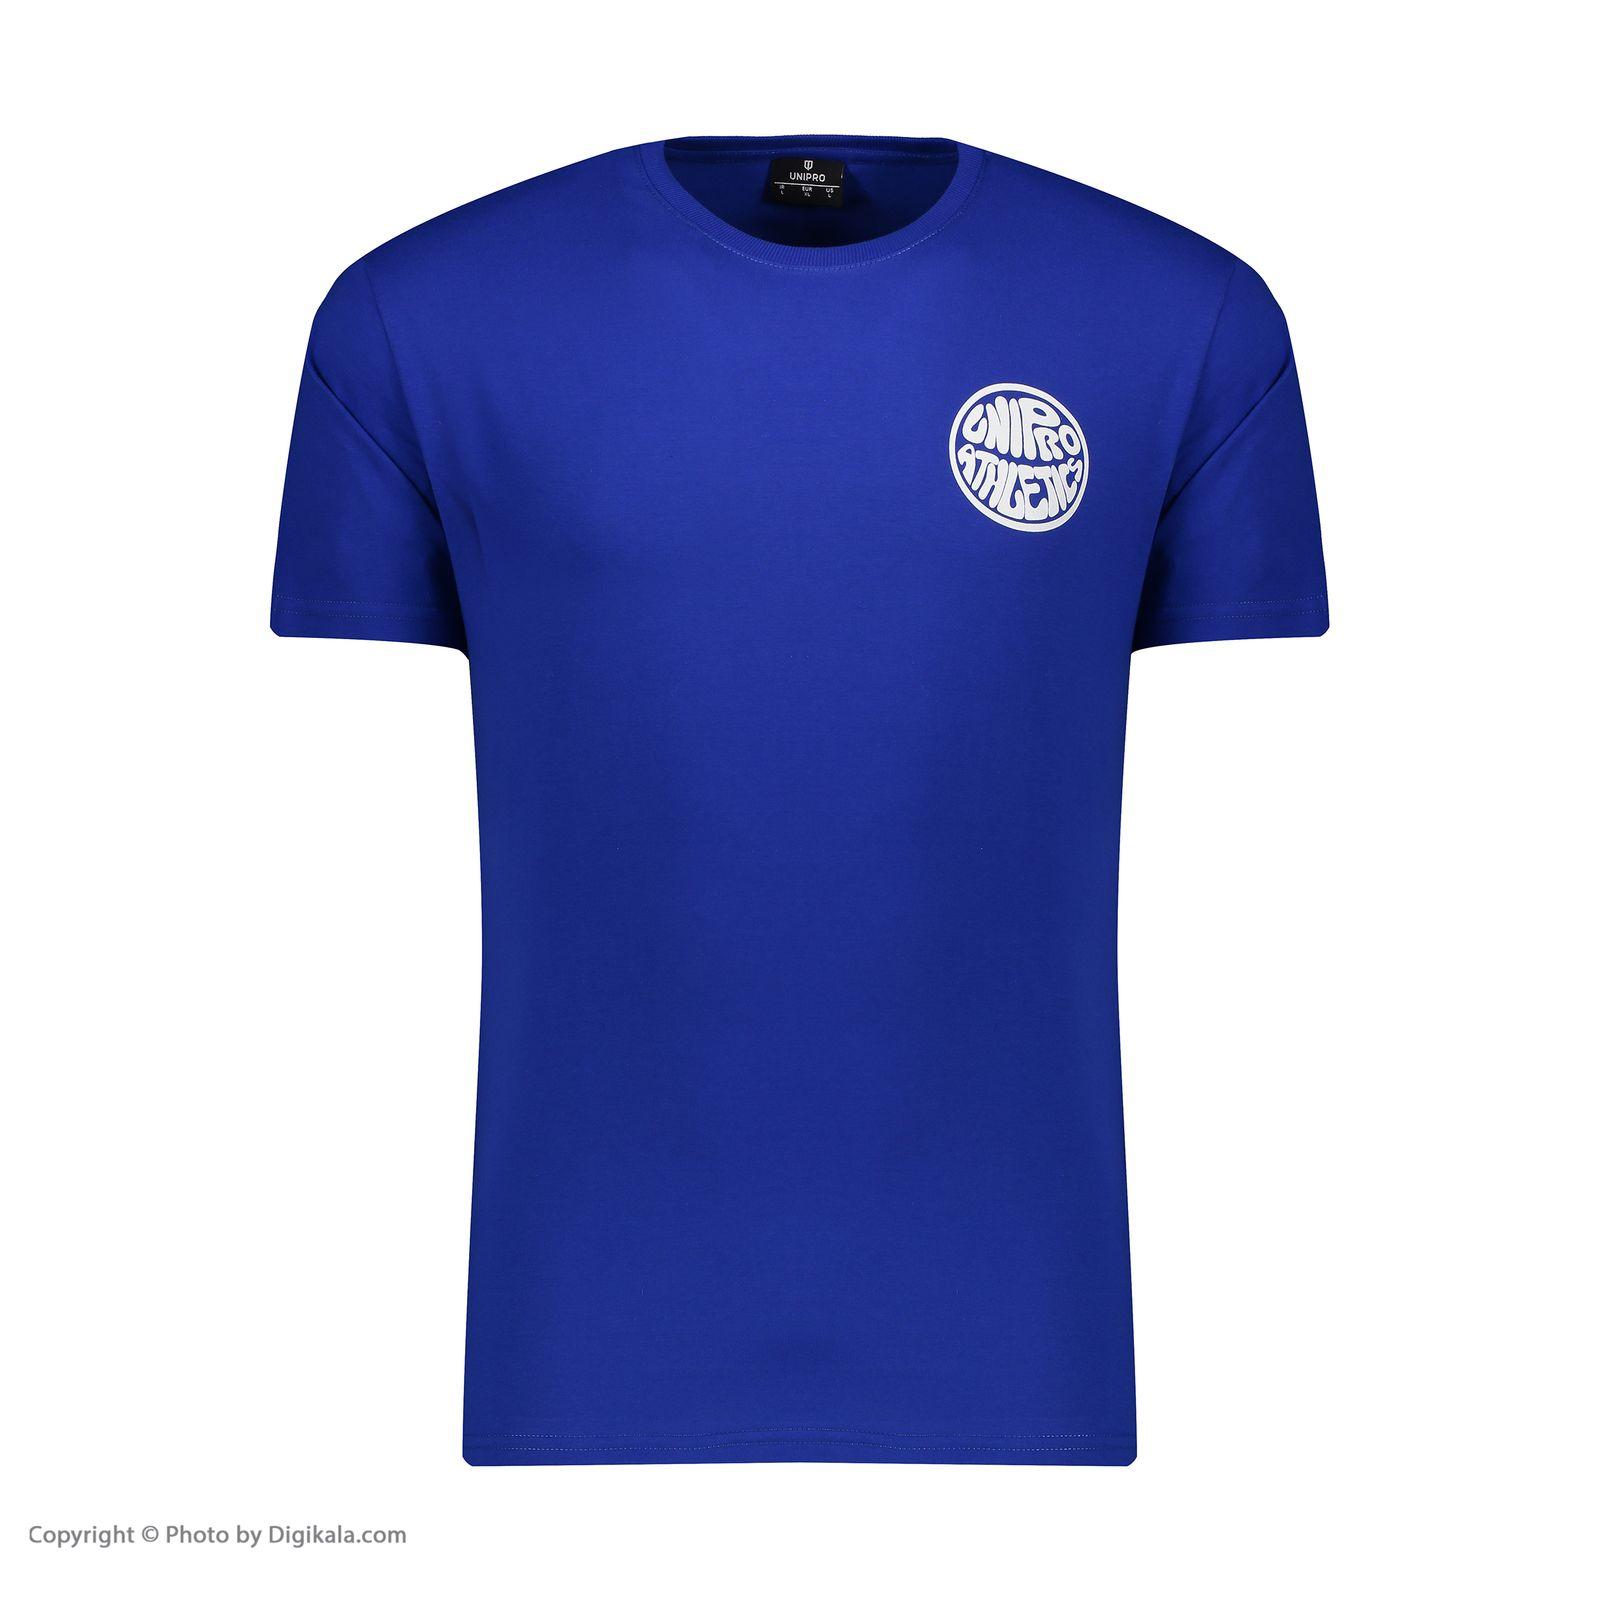 تی شرت ورزشی مردانه یونی پرو مدل 914119322-10 -  - 2